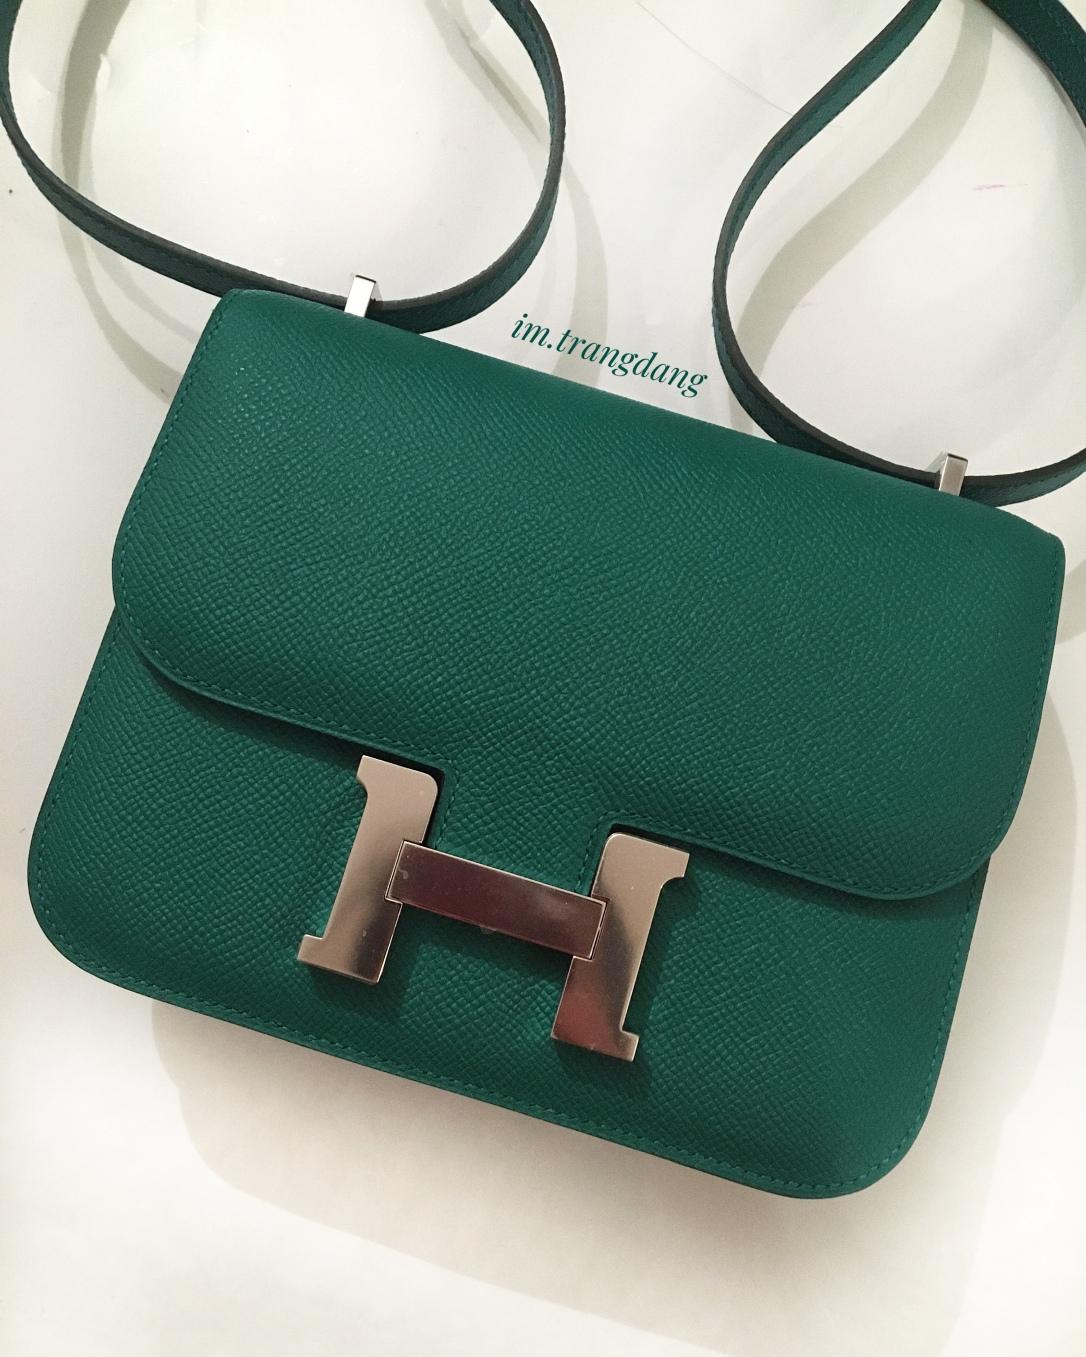 Hermes Constance 18 green Vert Vertigo epsom leather.